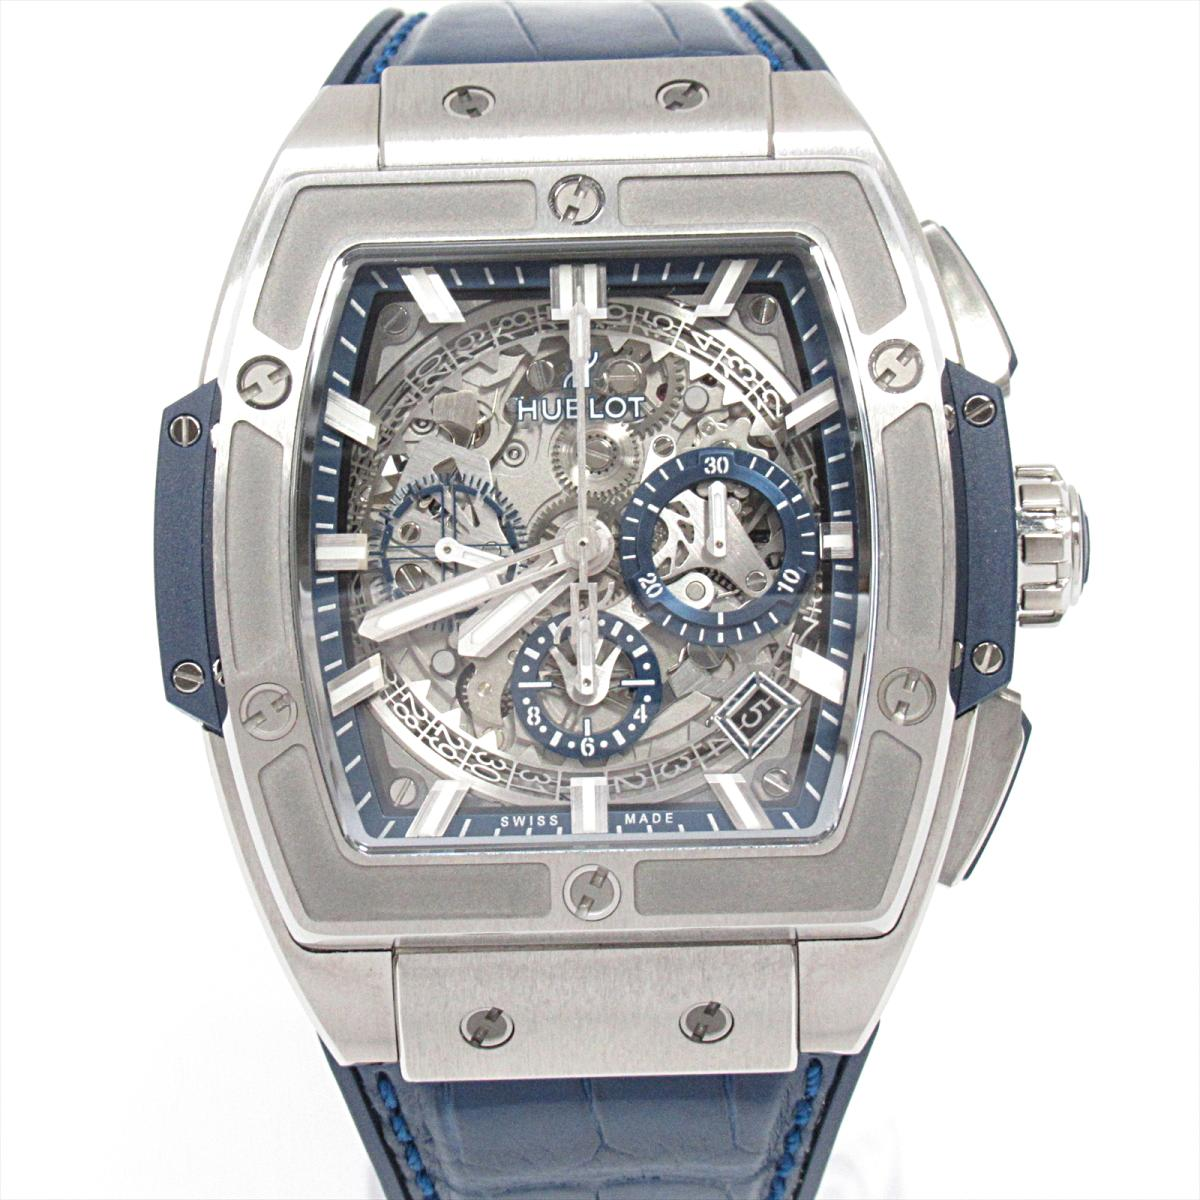 【中古】 ウブロ スピリット オブ ビッグバン 腕時計 ウォッチ メンズ チタニウム ラバーベルト (アリゲーター) (641.N .7170.LR)   HUBLOT BRANDOFF ブランドオフ ブランド ブランド時計 ブランド腕時計 時計